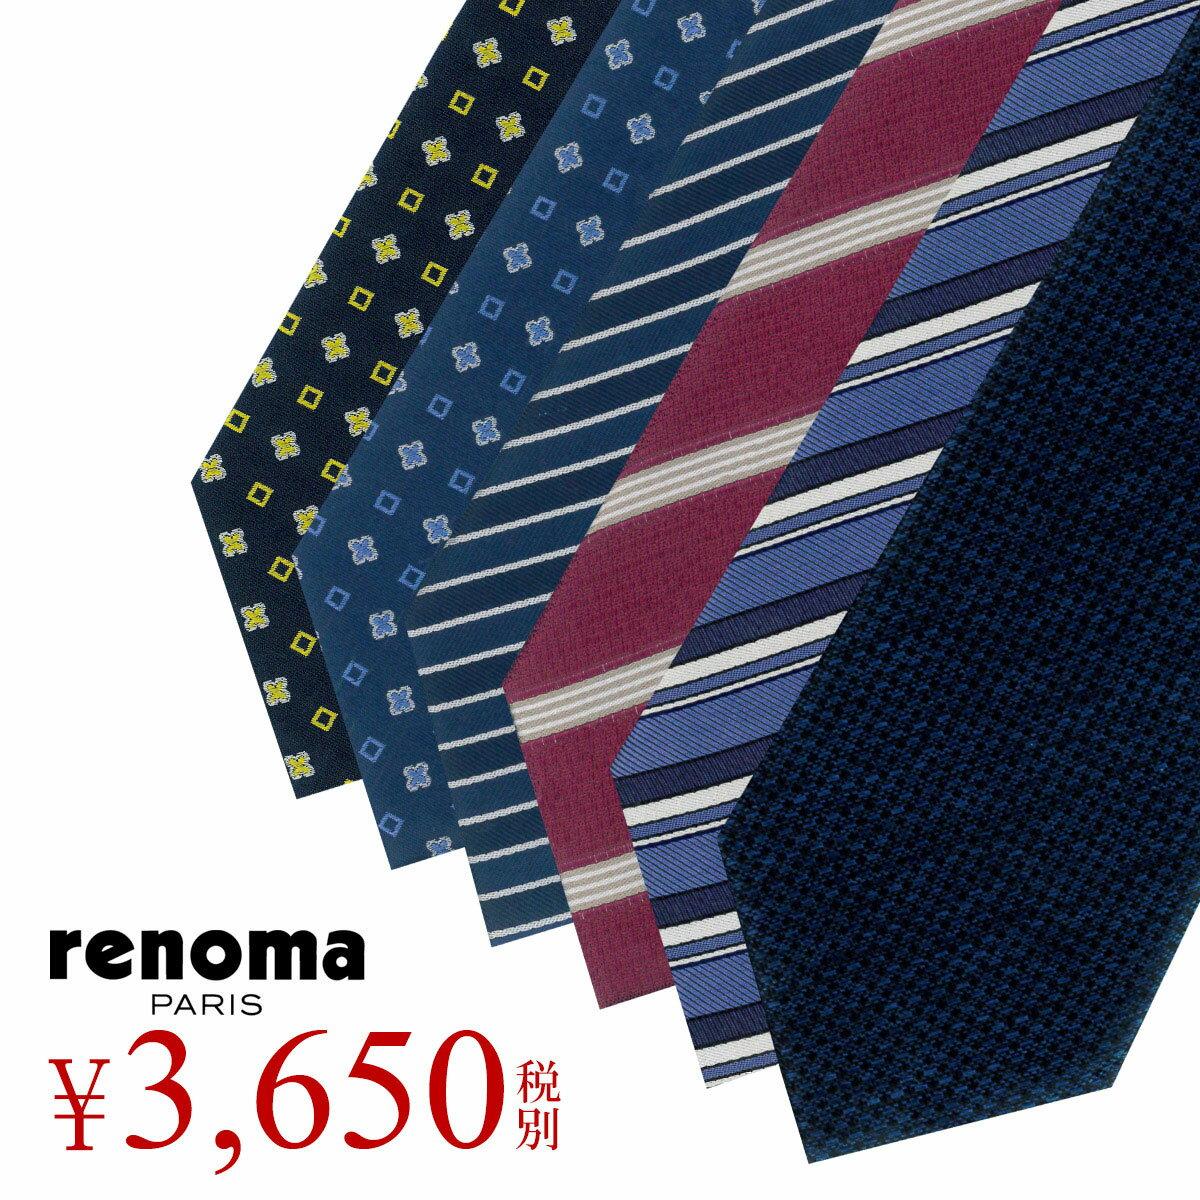 レノマ ネクタイ ブランド メンズ renoma おしゃれ 結婚式 シルク[即日発送]